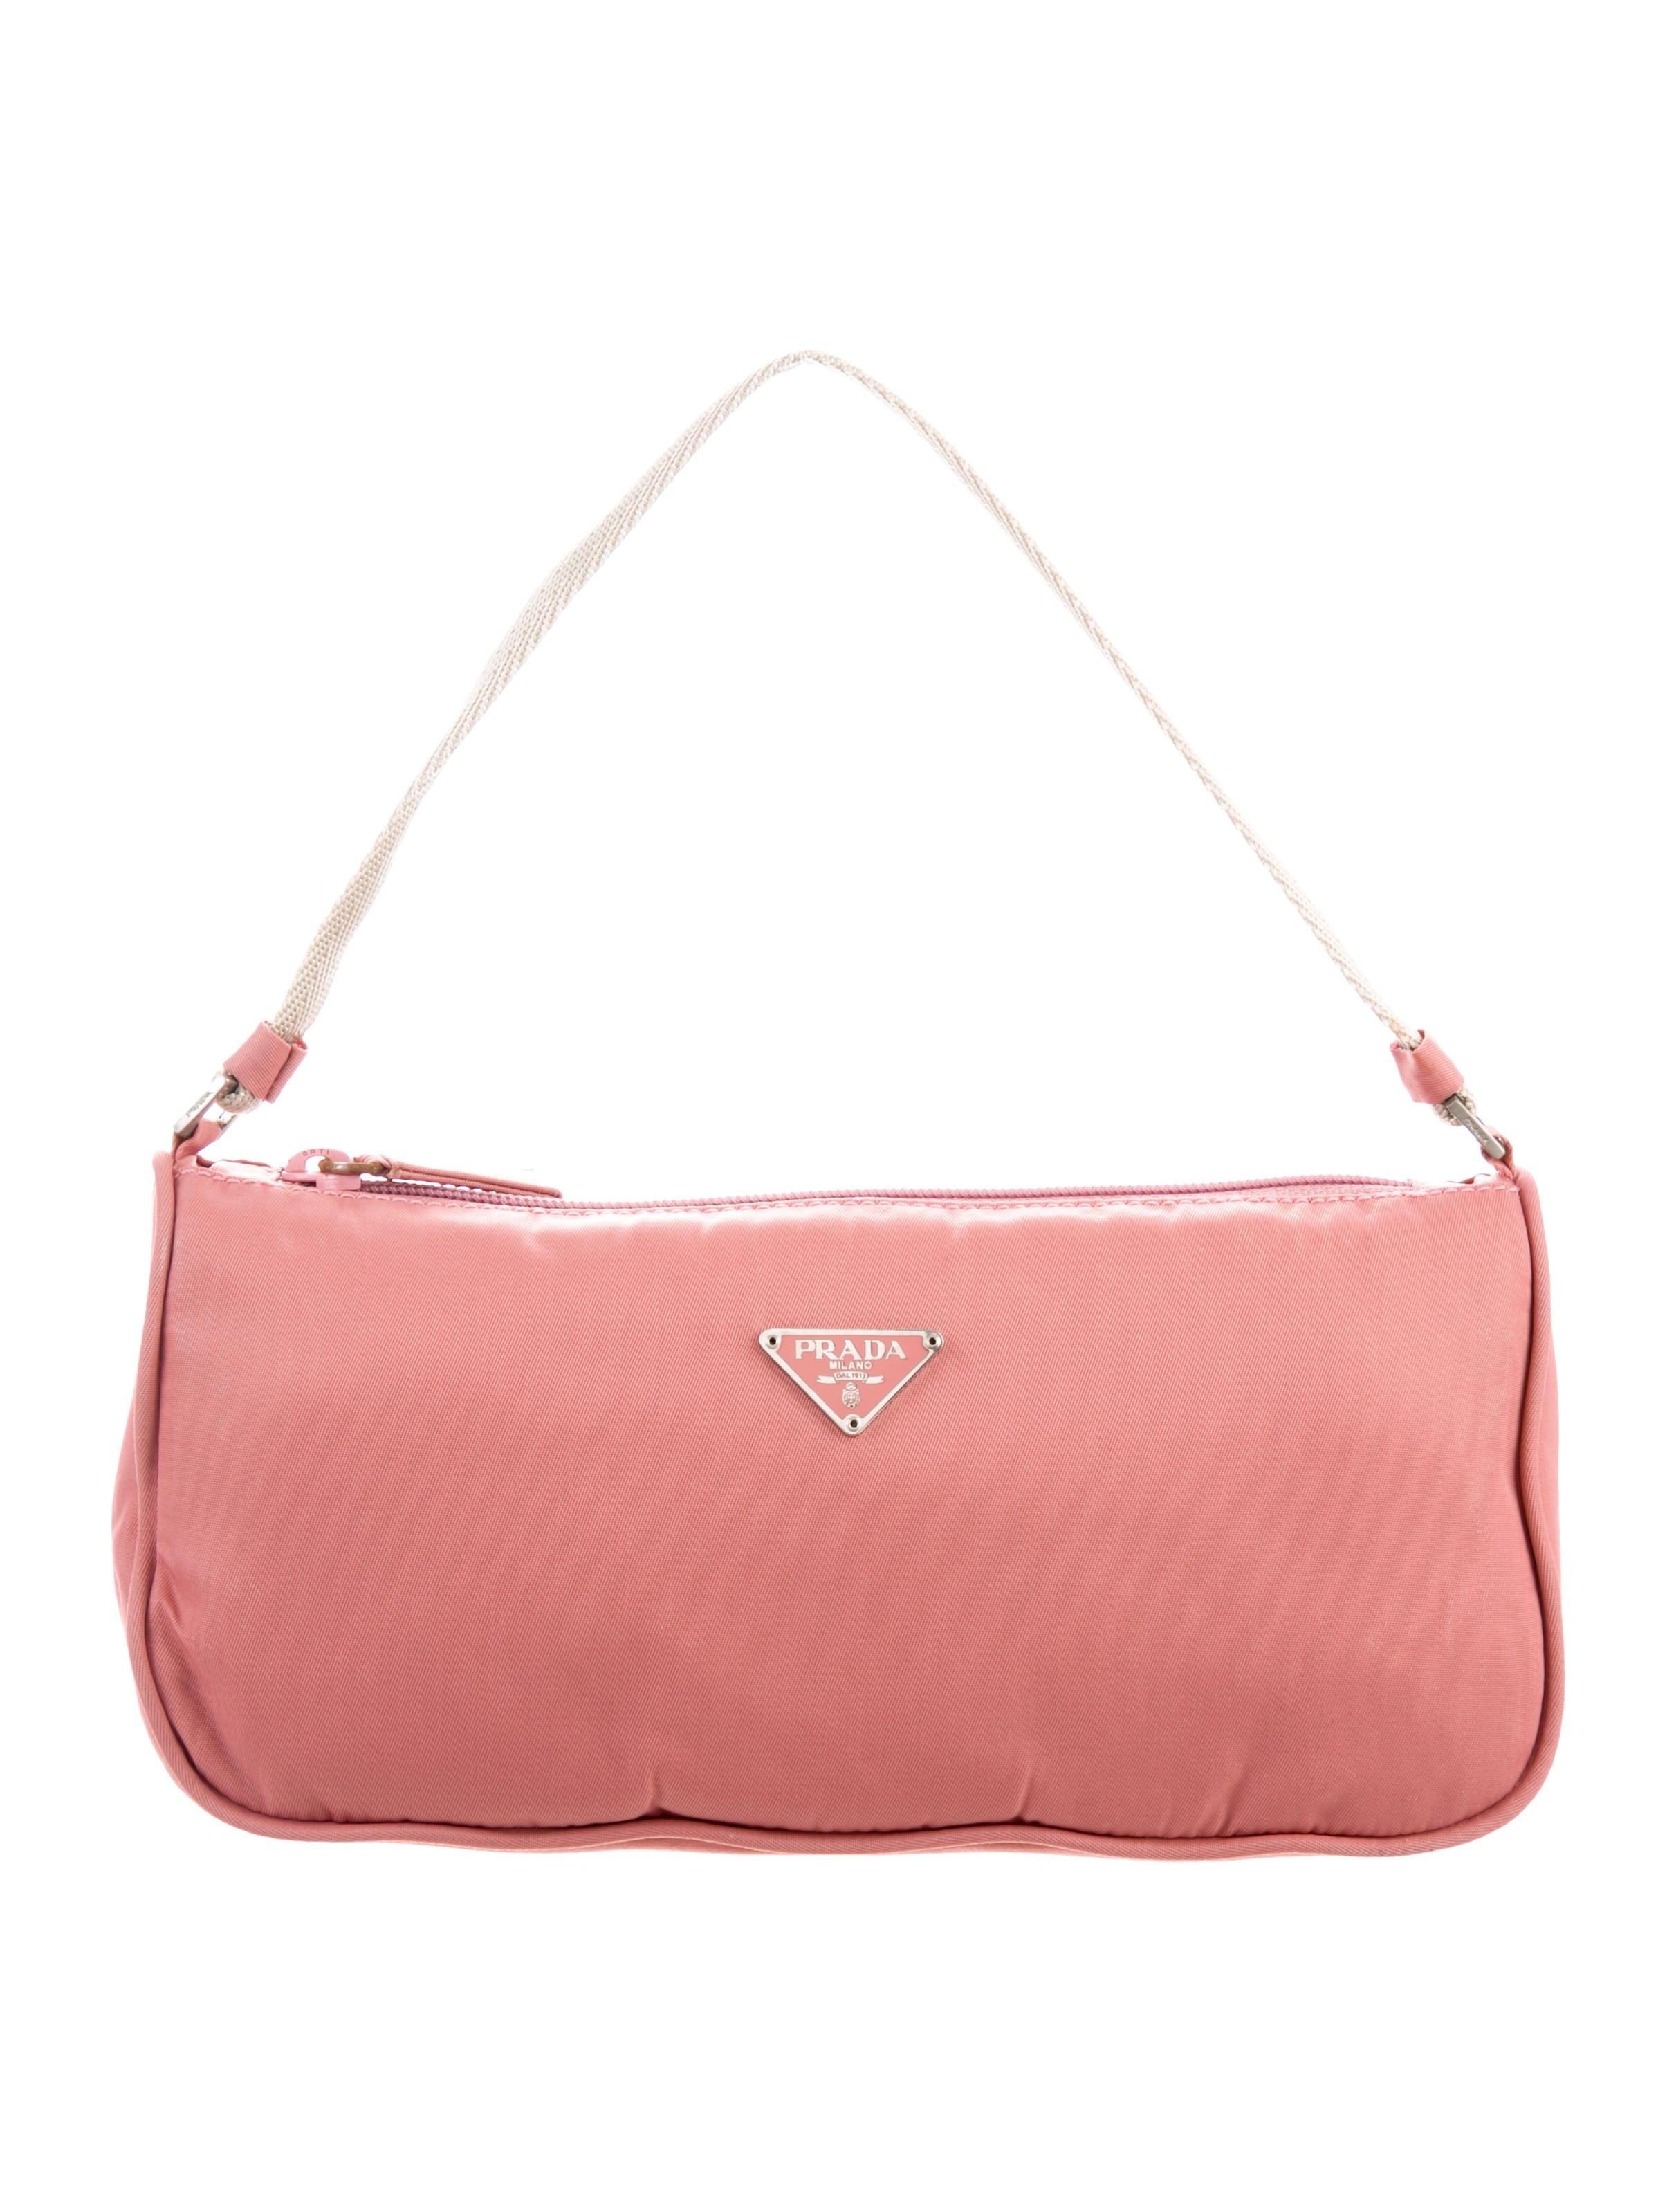 6dab5a5e5a73 Prada Vela Necessaire Bag - Handbags - PRA216587 | The RealReal